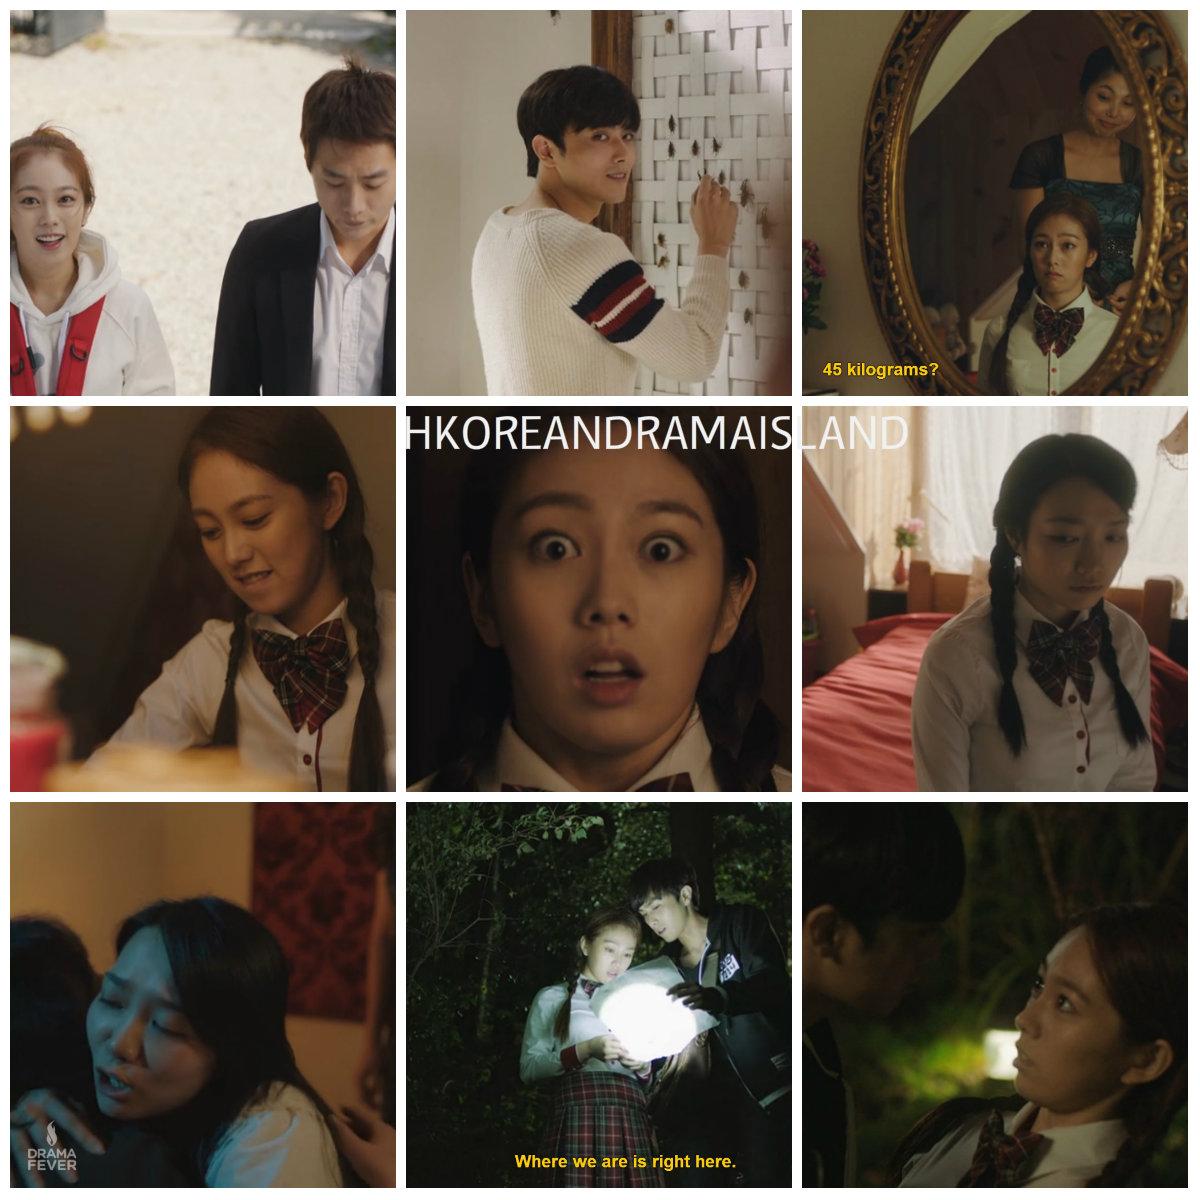 Doll House Episode 1 To 3 Write Up Hkoreandramaisland